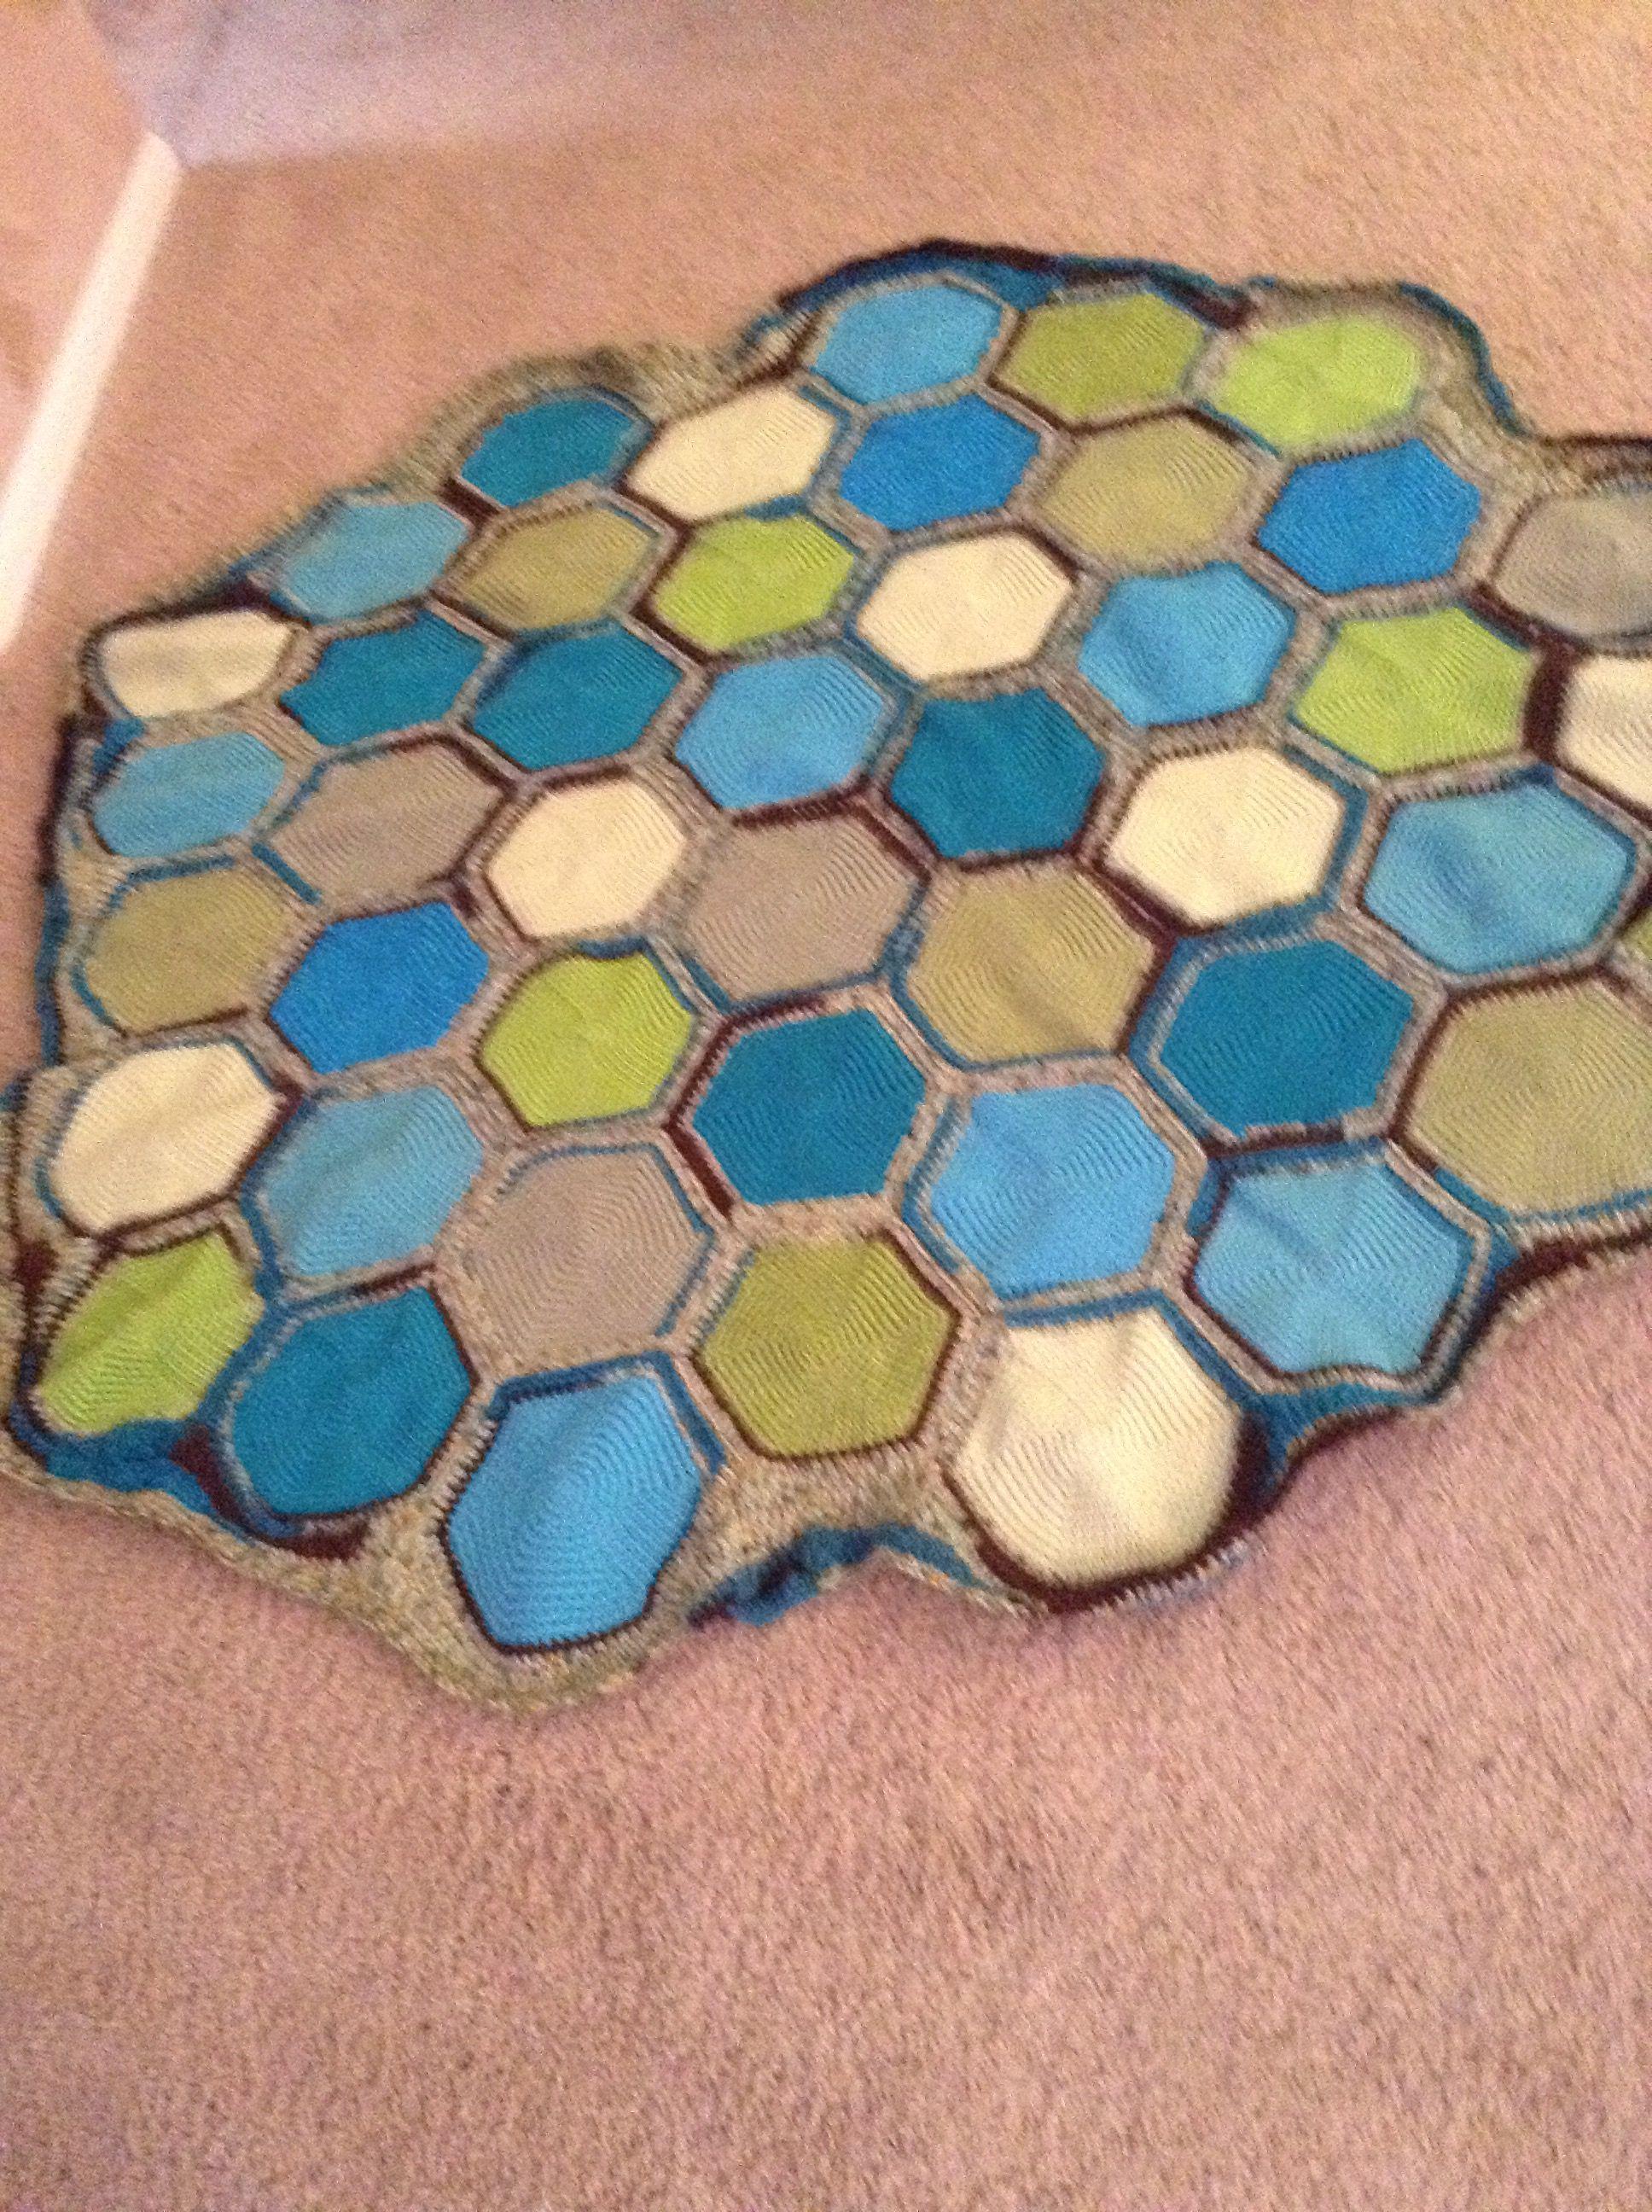 Pin By Irene Ceraulo Morrisroe On Designs By Irene